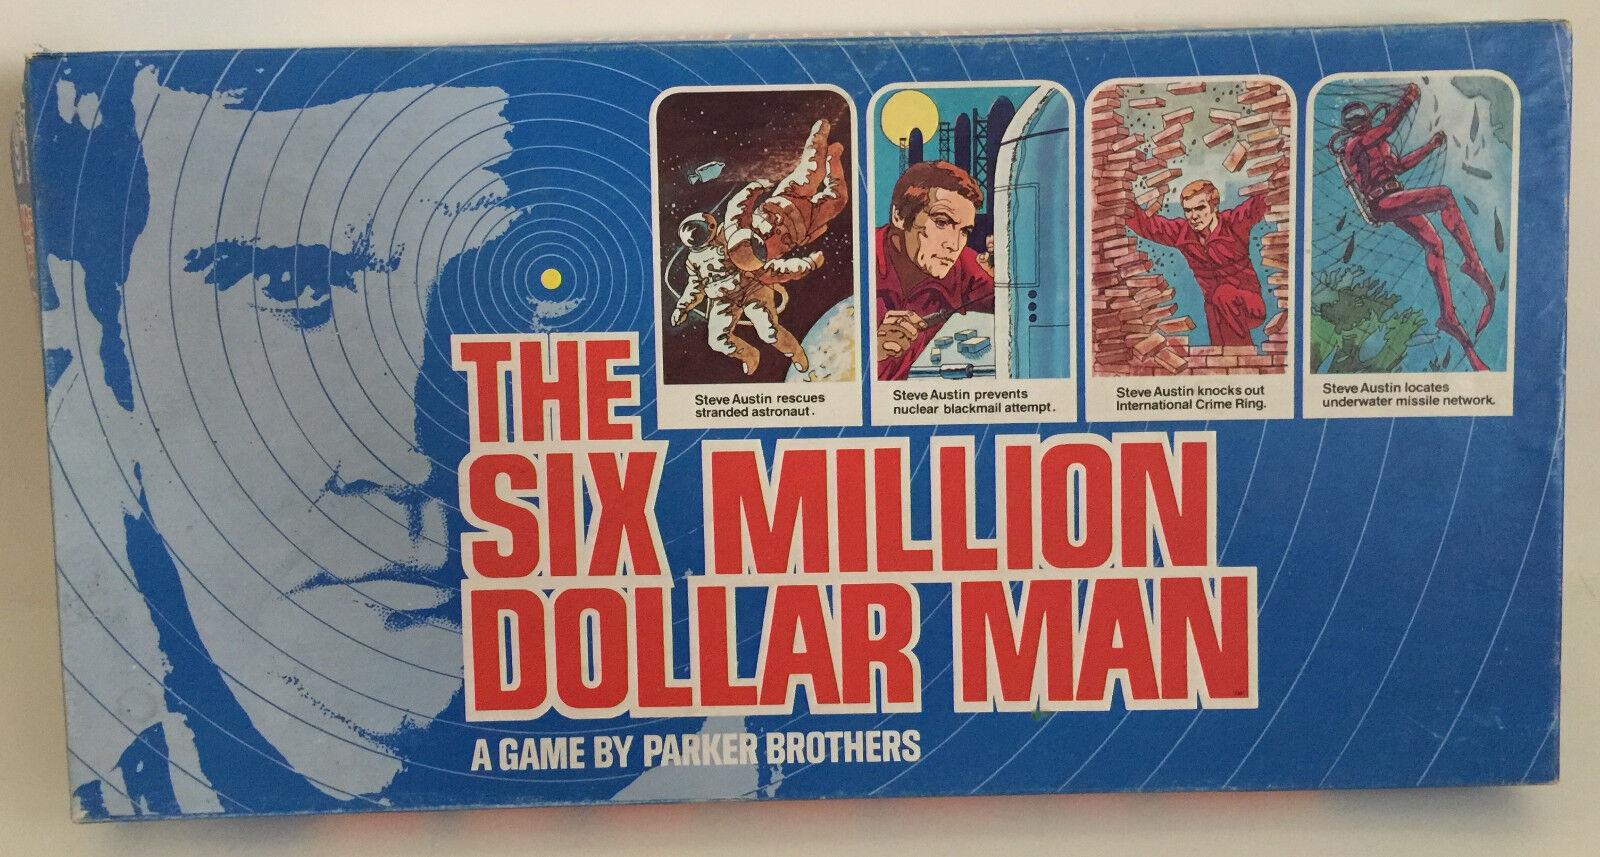 Der sechs - millionen - dollar - mann brettspiel steve austin lee majors jahrgang 1975 abgeschlossen